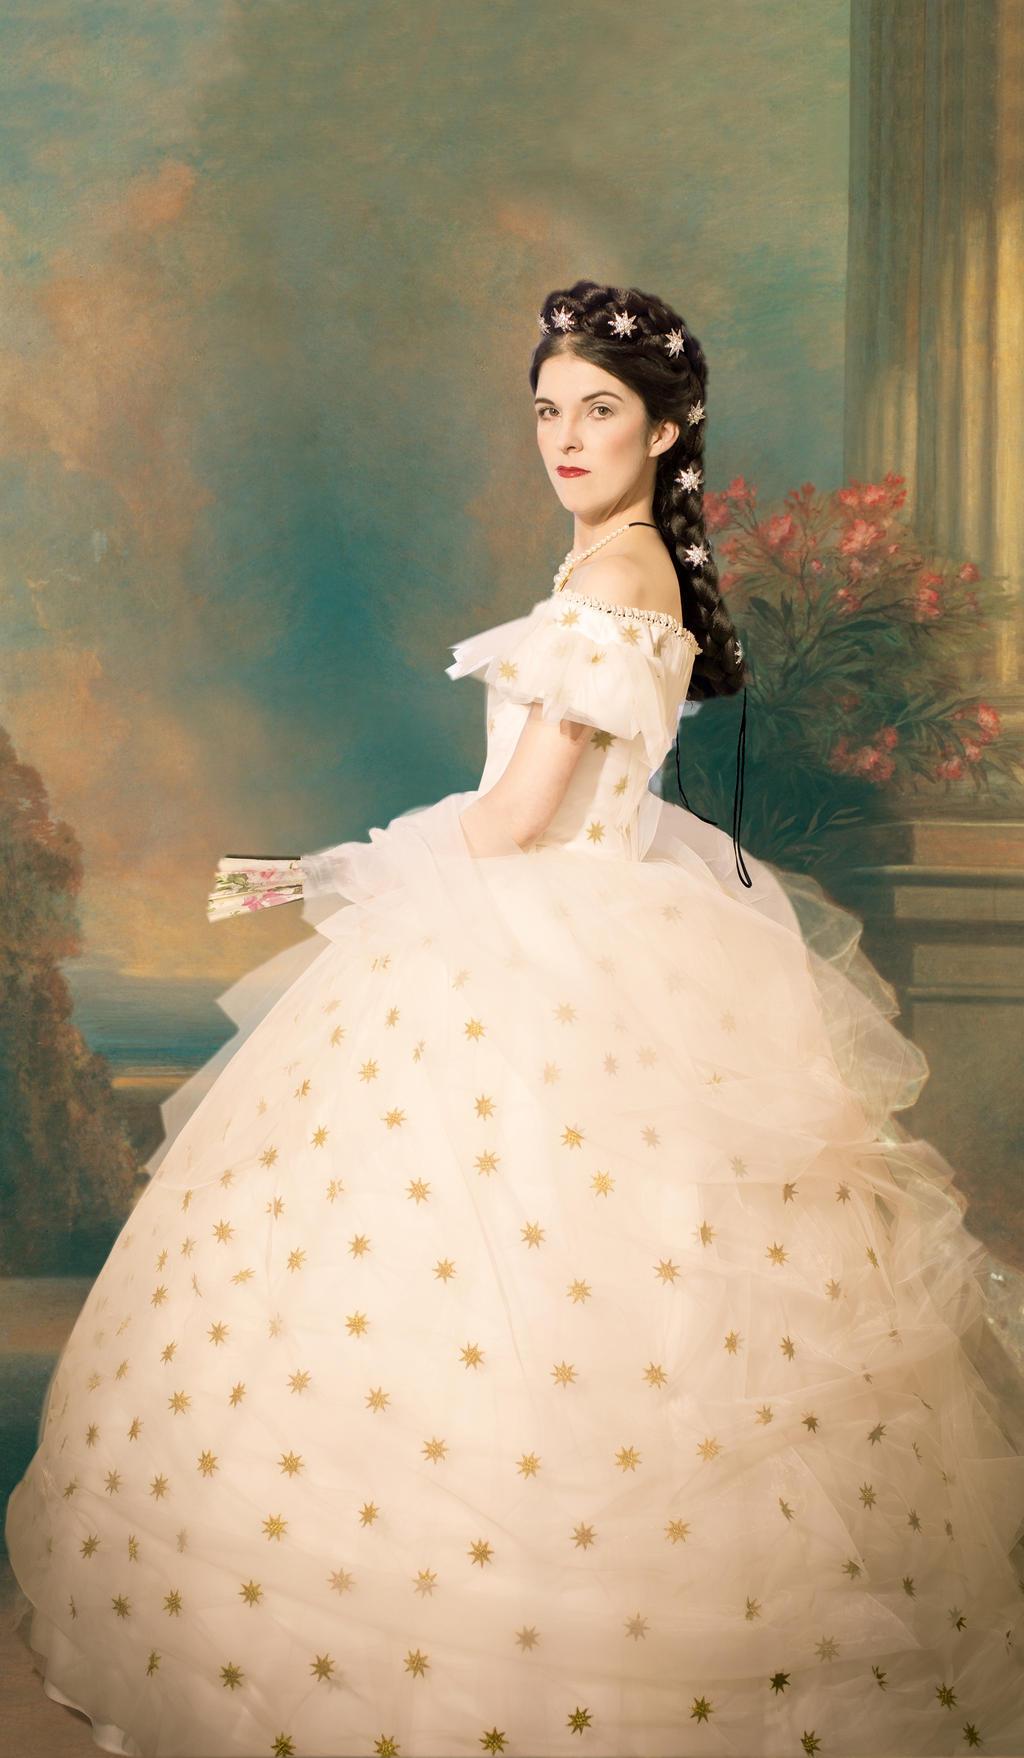 Kaiserin Elisabeth von Oesterreich by Kaiserin-Elisabeth on DeviantArt